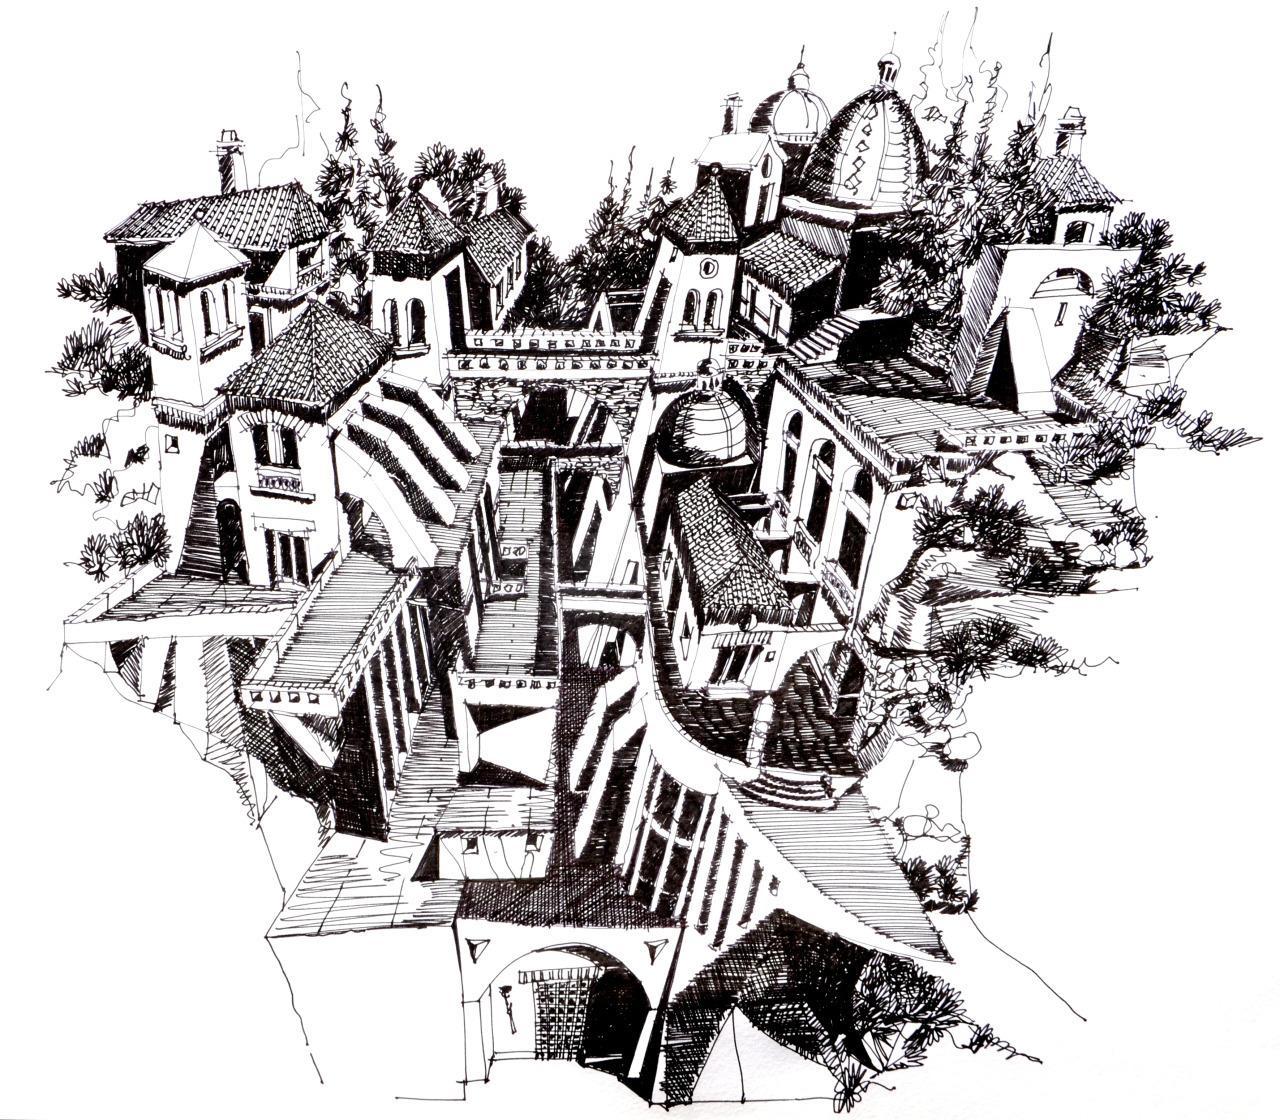 Galeria Arquitectonica: Galería De Ilustraciones Medievales Que Desafían La